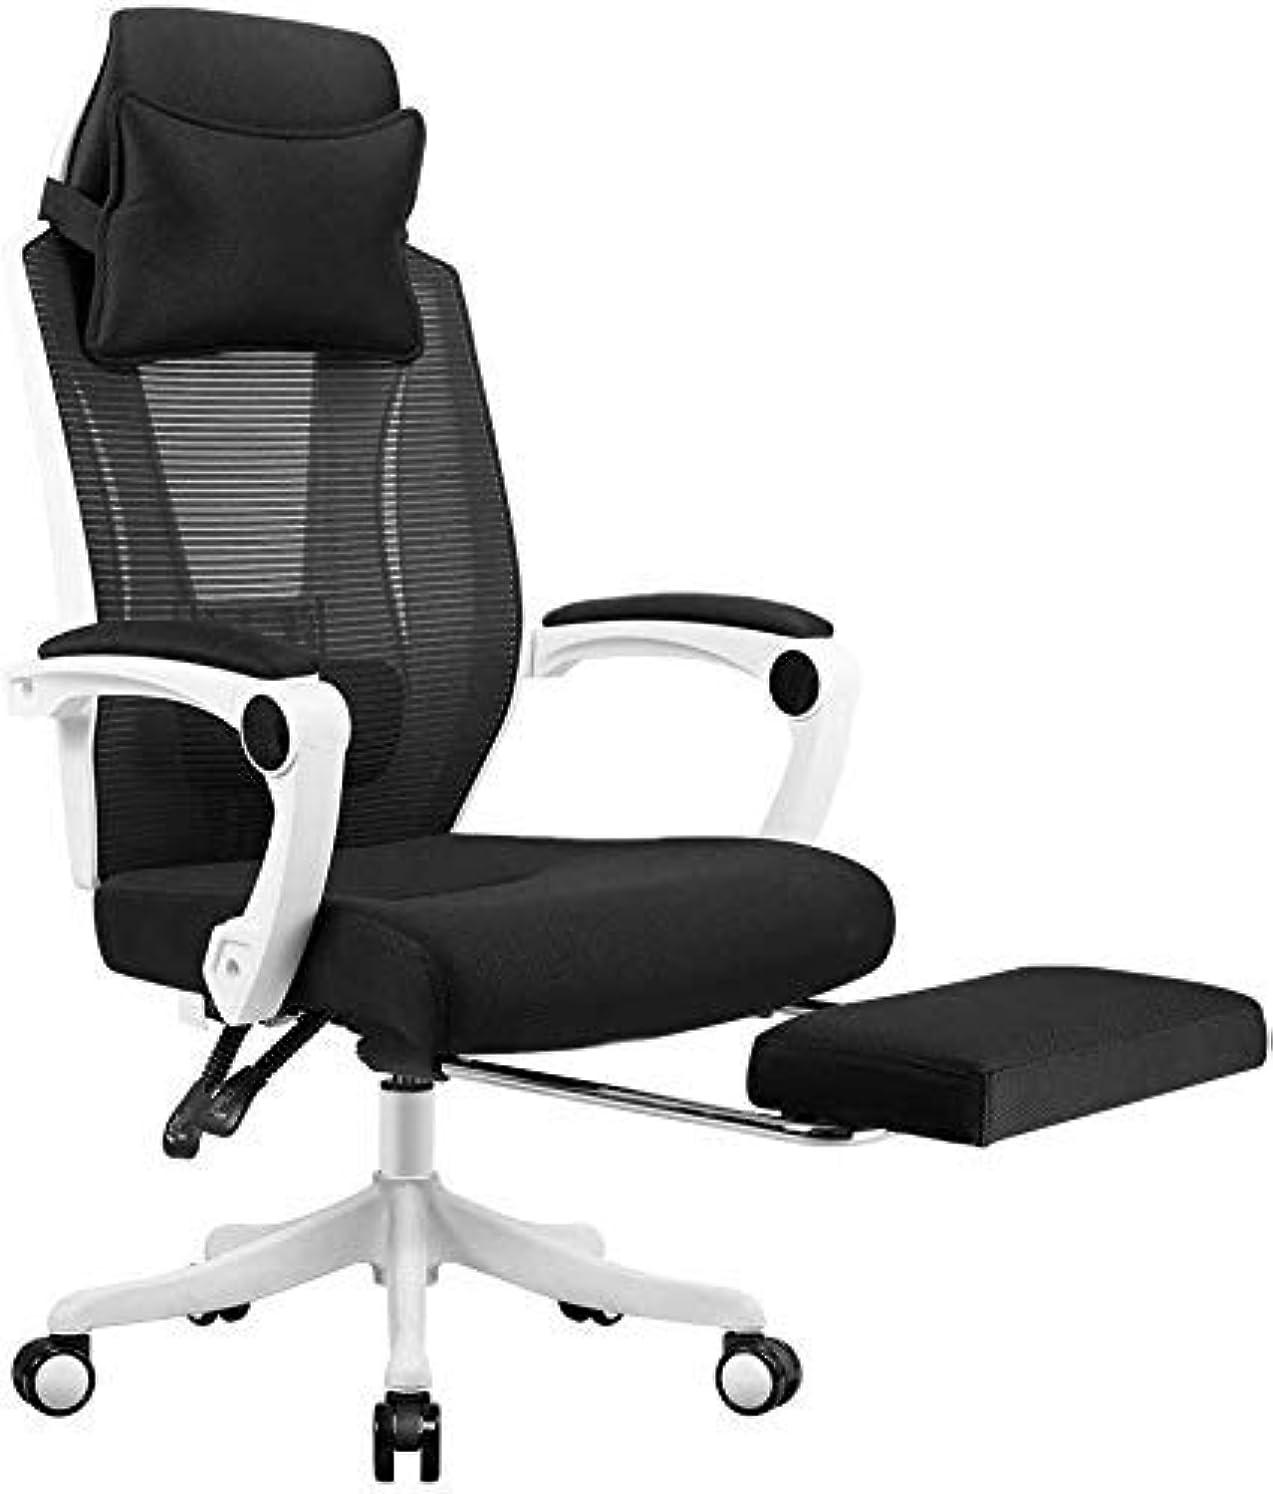 任命毎月苦情文句体重250キロホワイトベアリングホームオフィスチェアチェアハイバックメッシュデスクチェアワイドヘッドレスト活動腰椎枕E-スポーツ椅子通気性メッシュでフットレスト